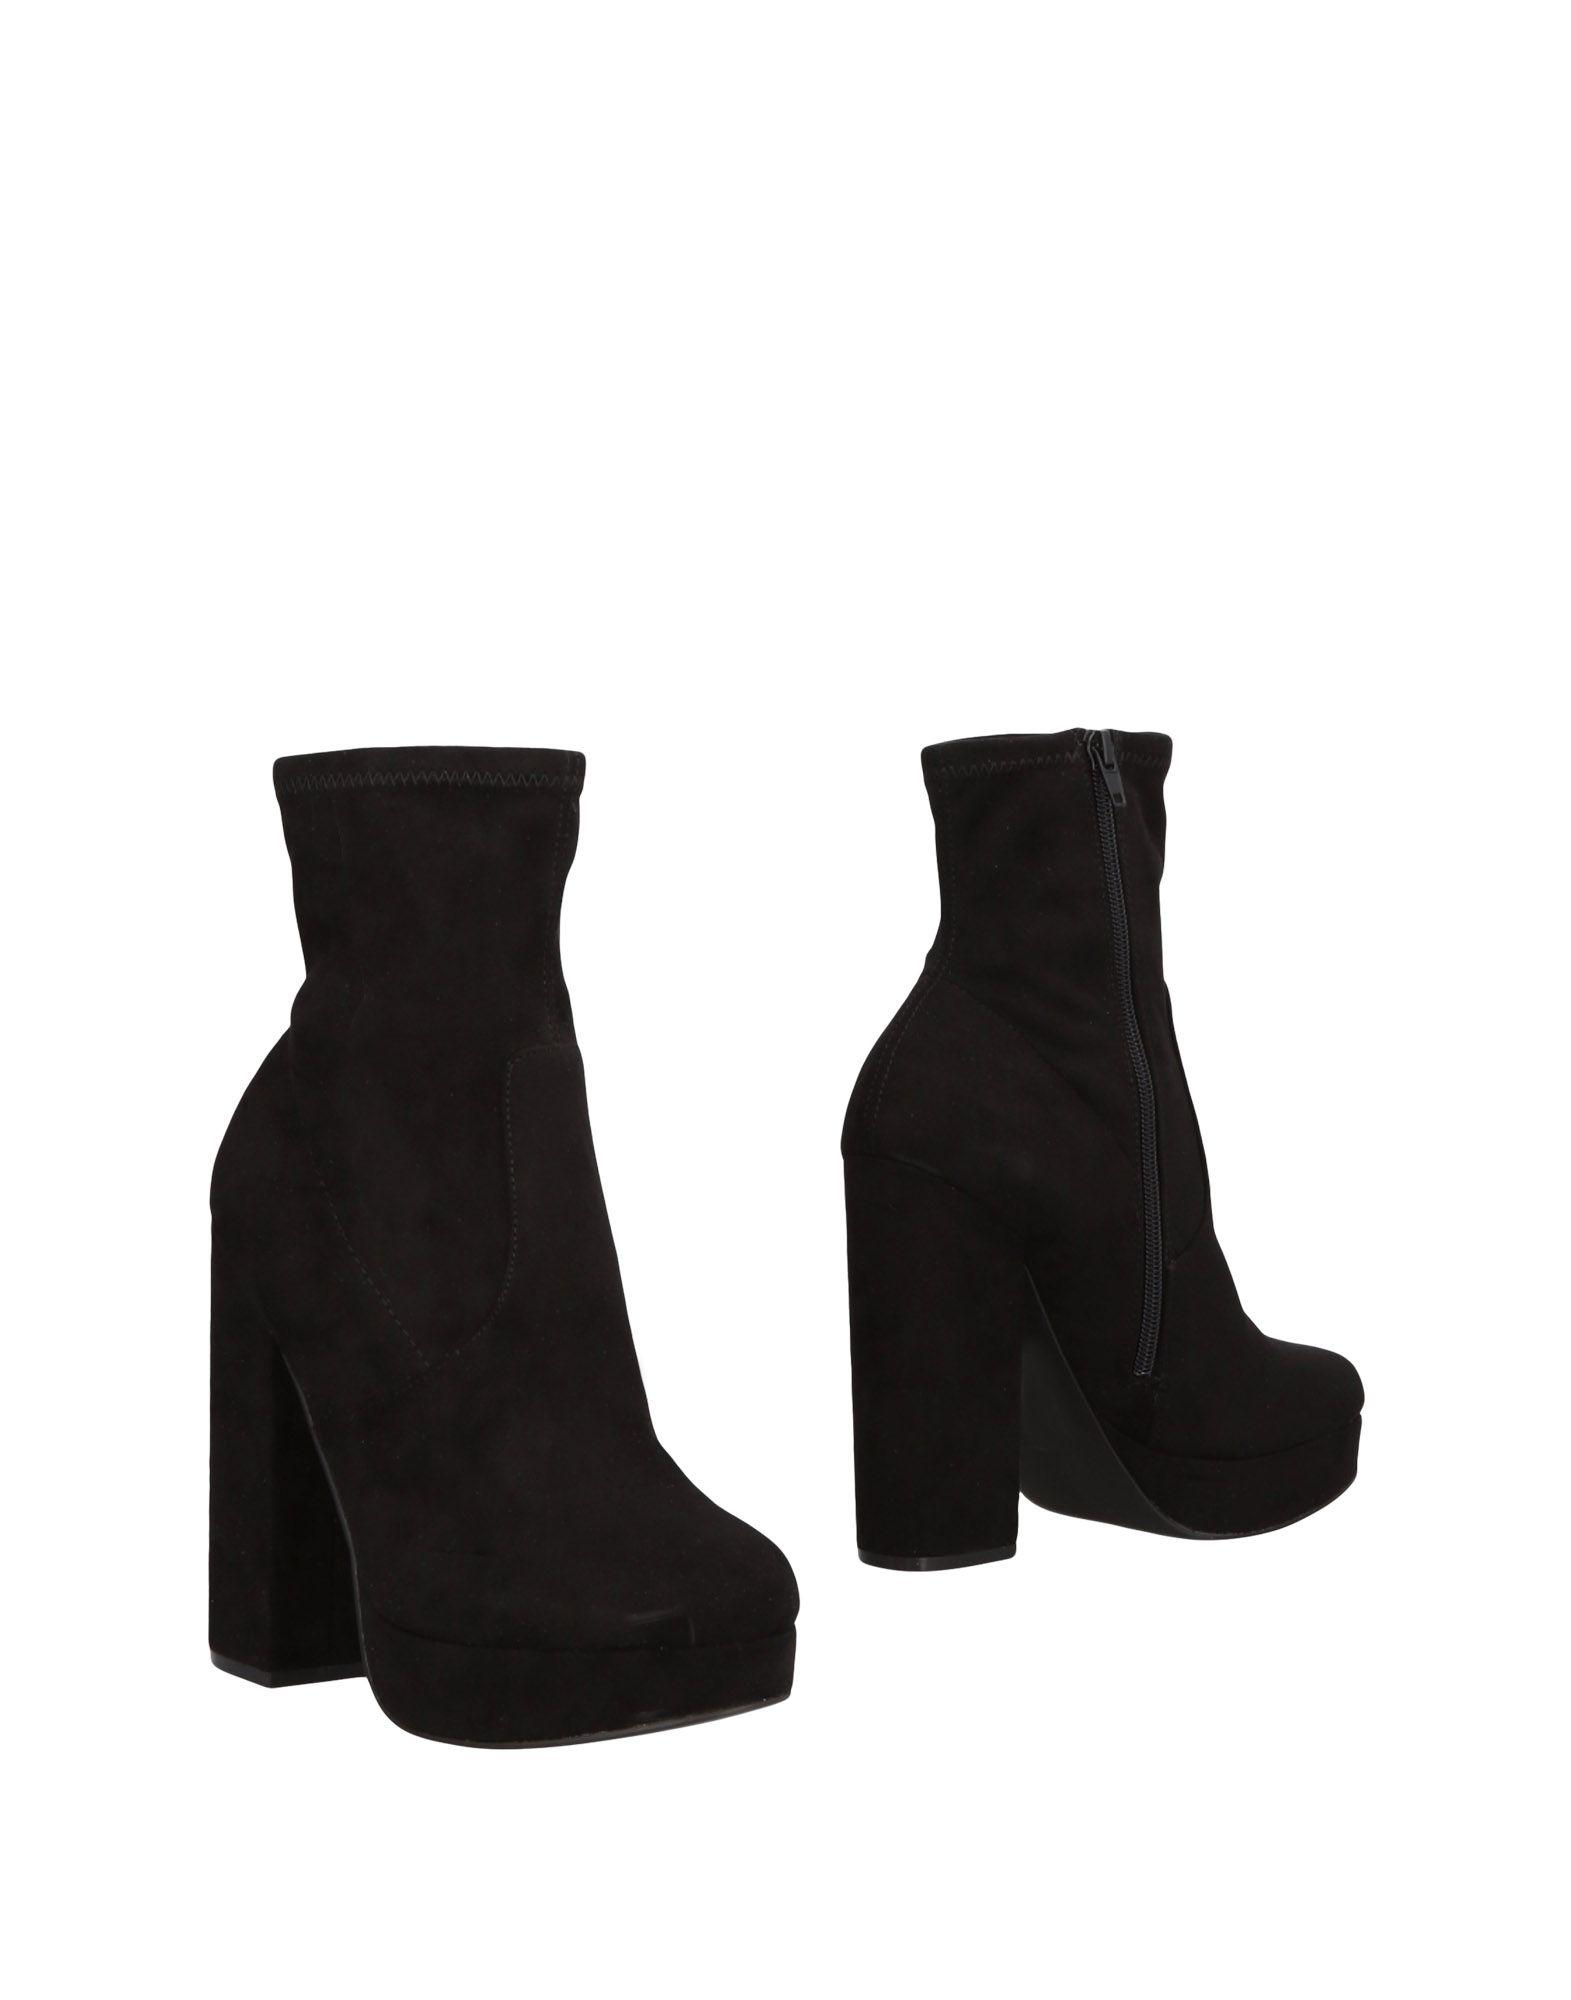 Jeffrey Campbell Stiefelette Damen  11467284RV Gute Qualität beliebte Schuhe